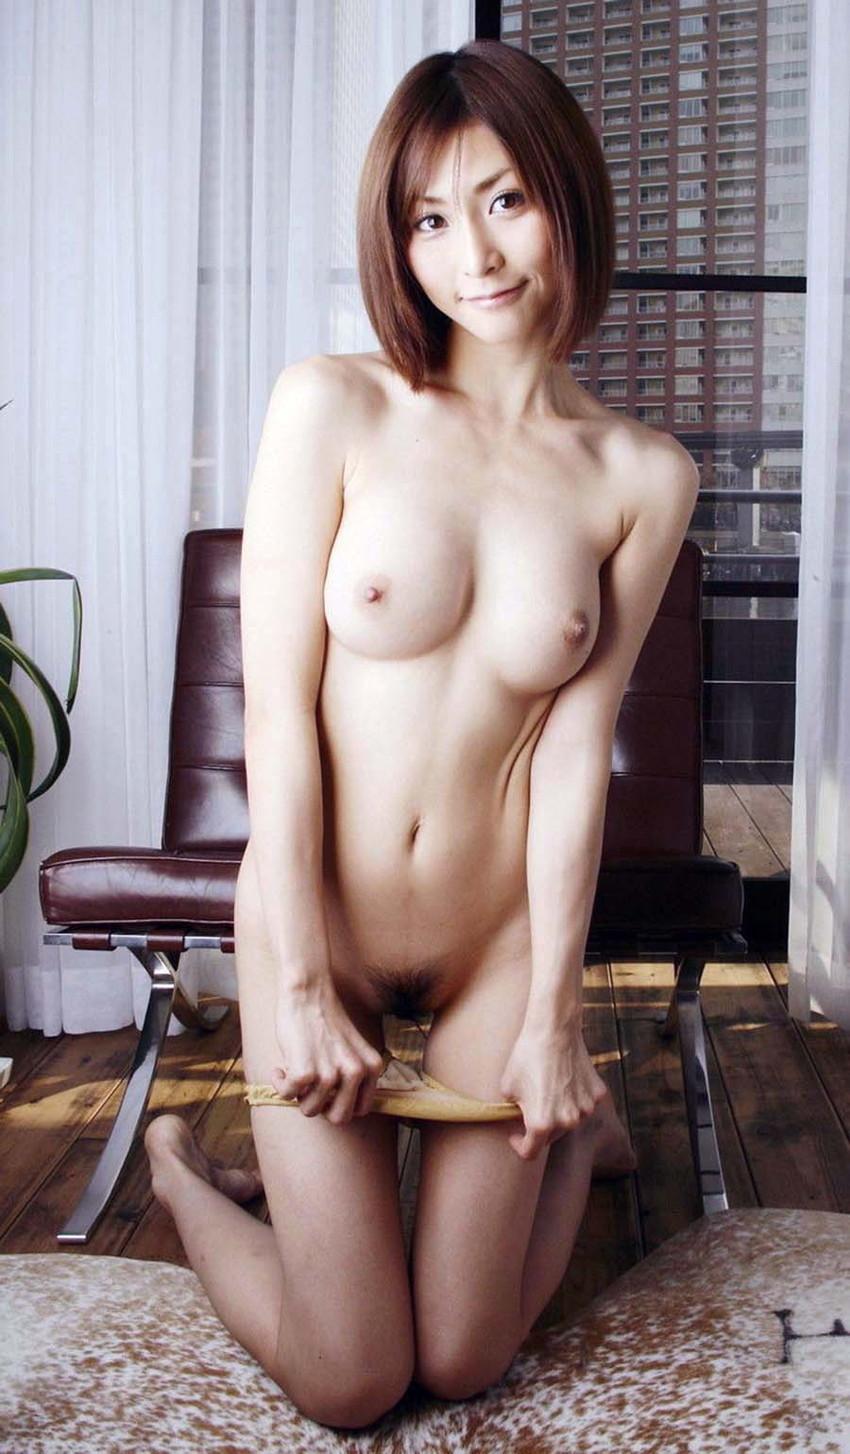 【パンツ半脱ぎエロ画像】パンティー脱ぎかけた女の子がすっごくセクシー! 11